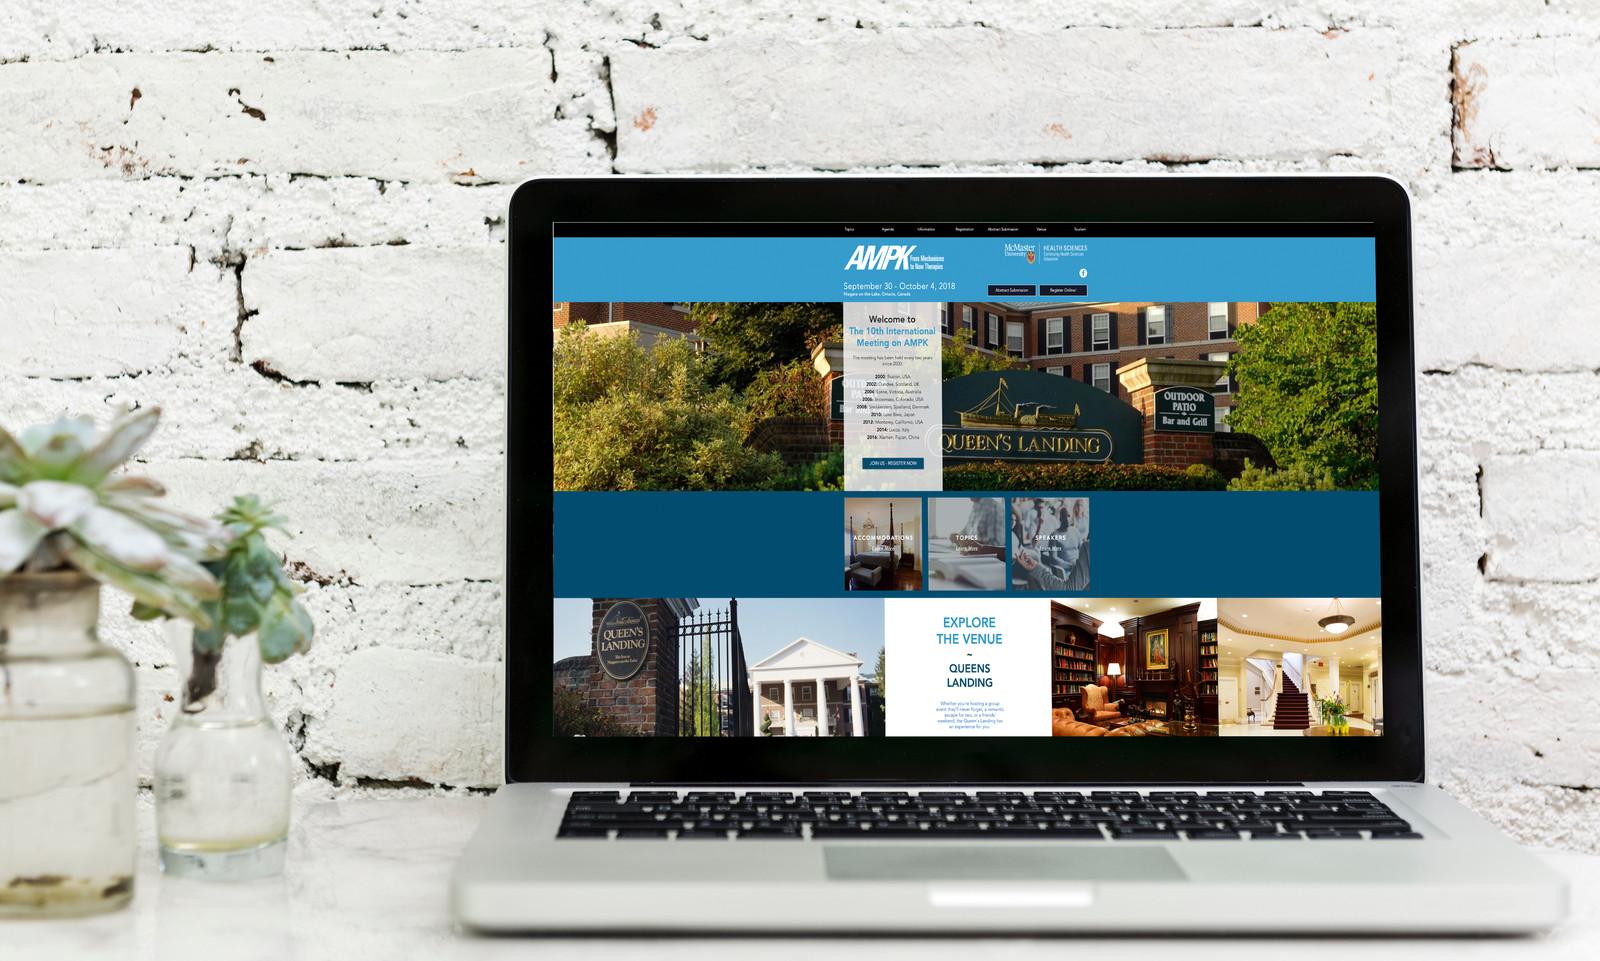 AMPK Canada Website